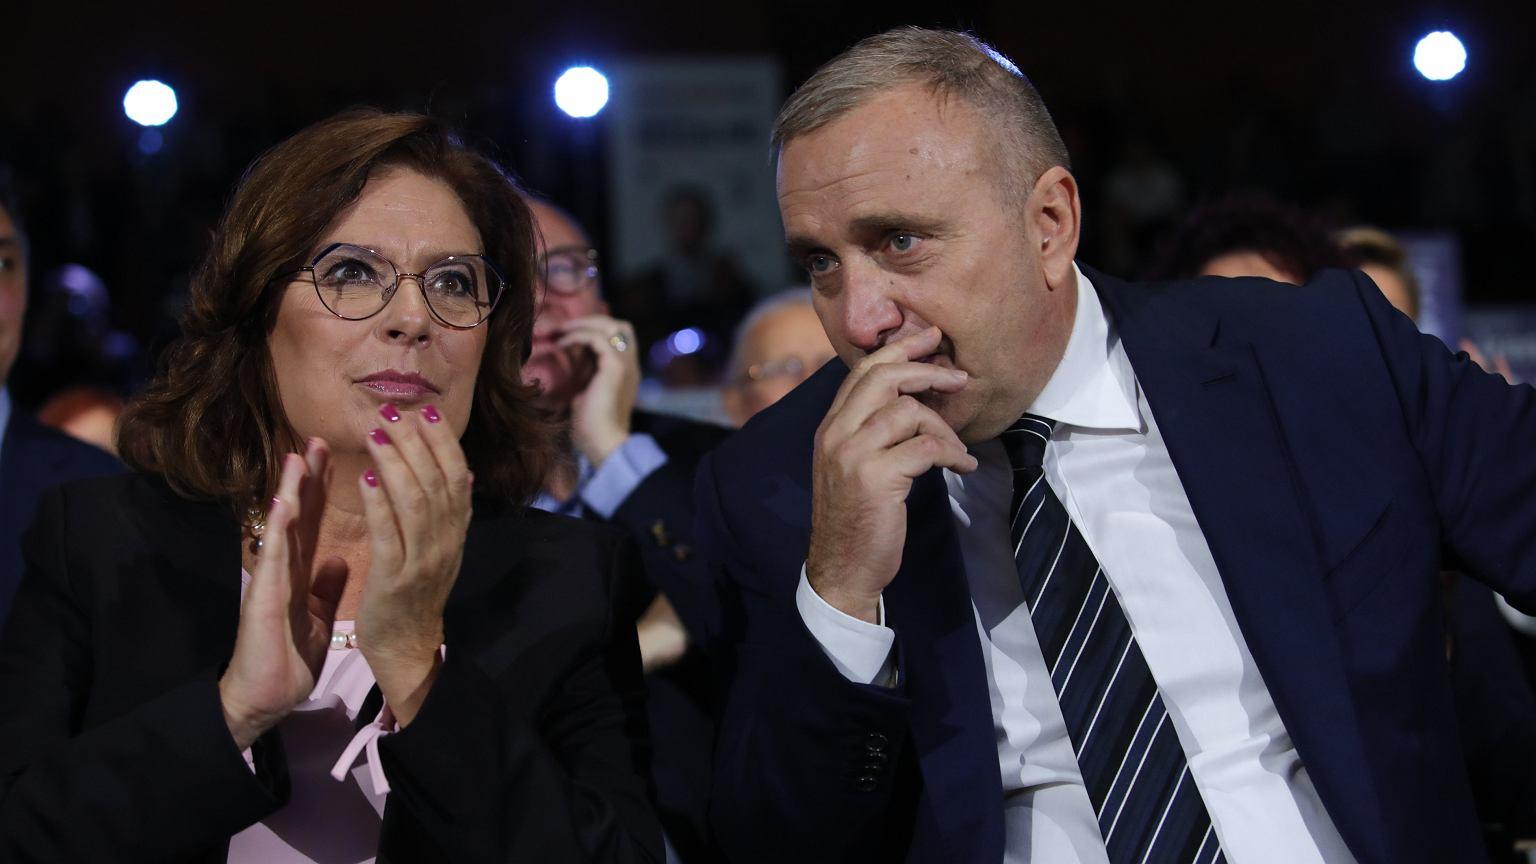 Władimir Putin o Polsce. Polscy politycy zawiedli ws. ataków?